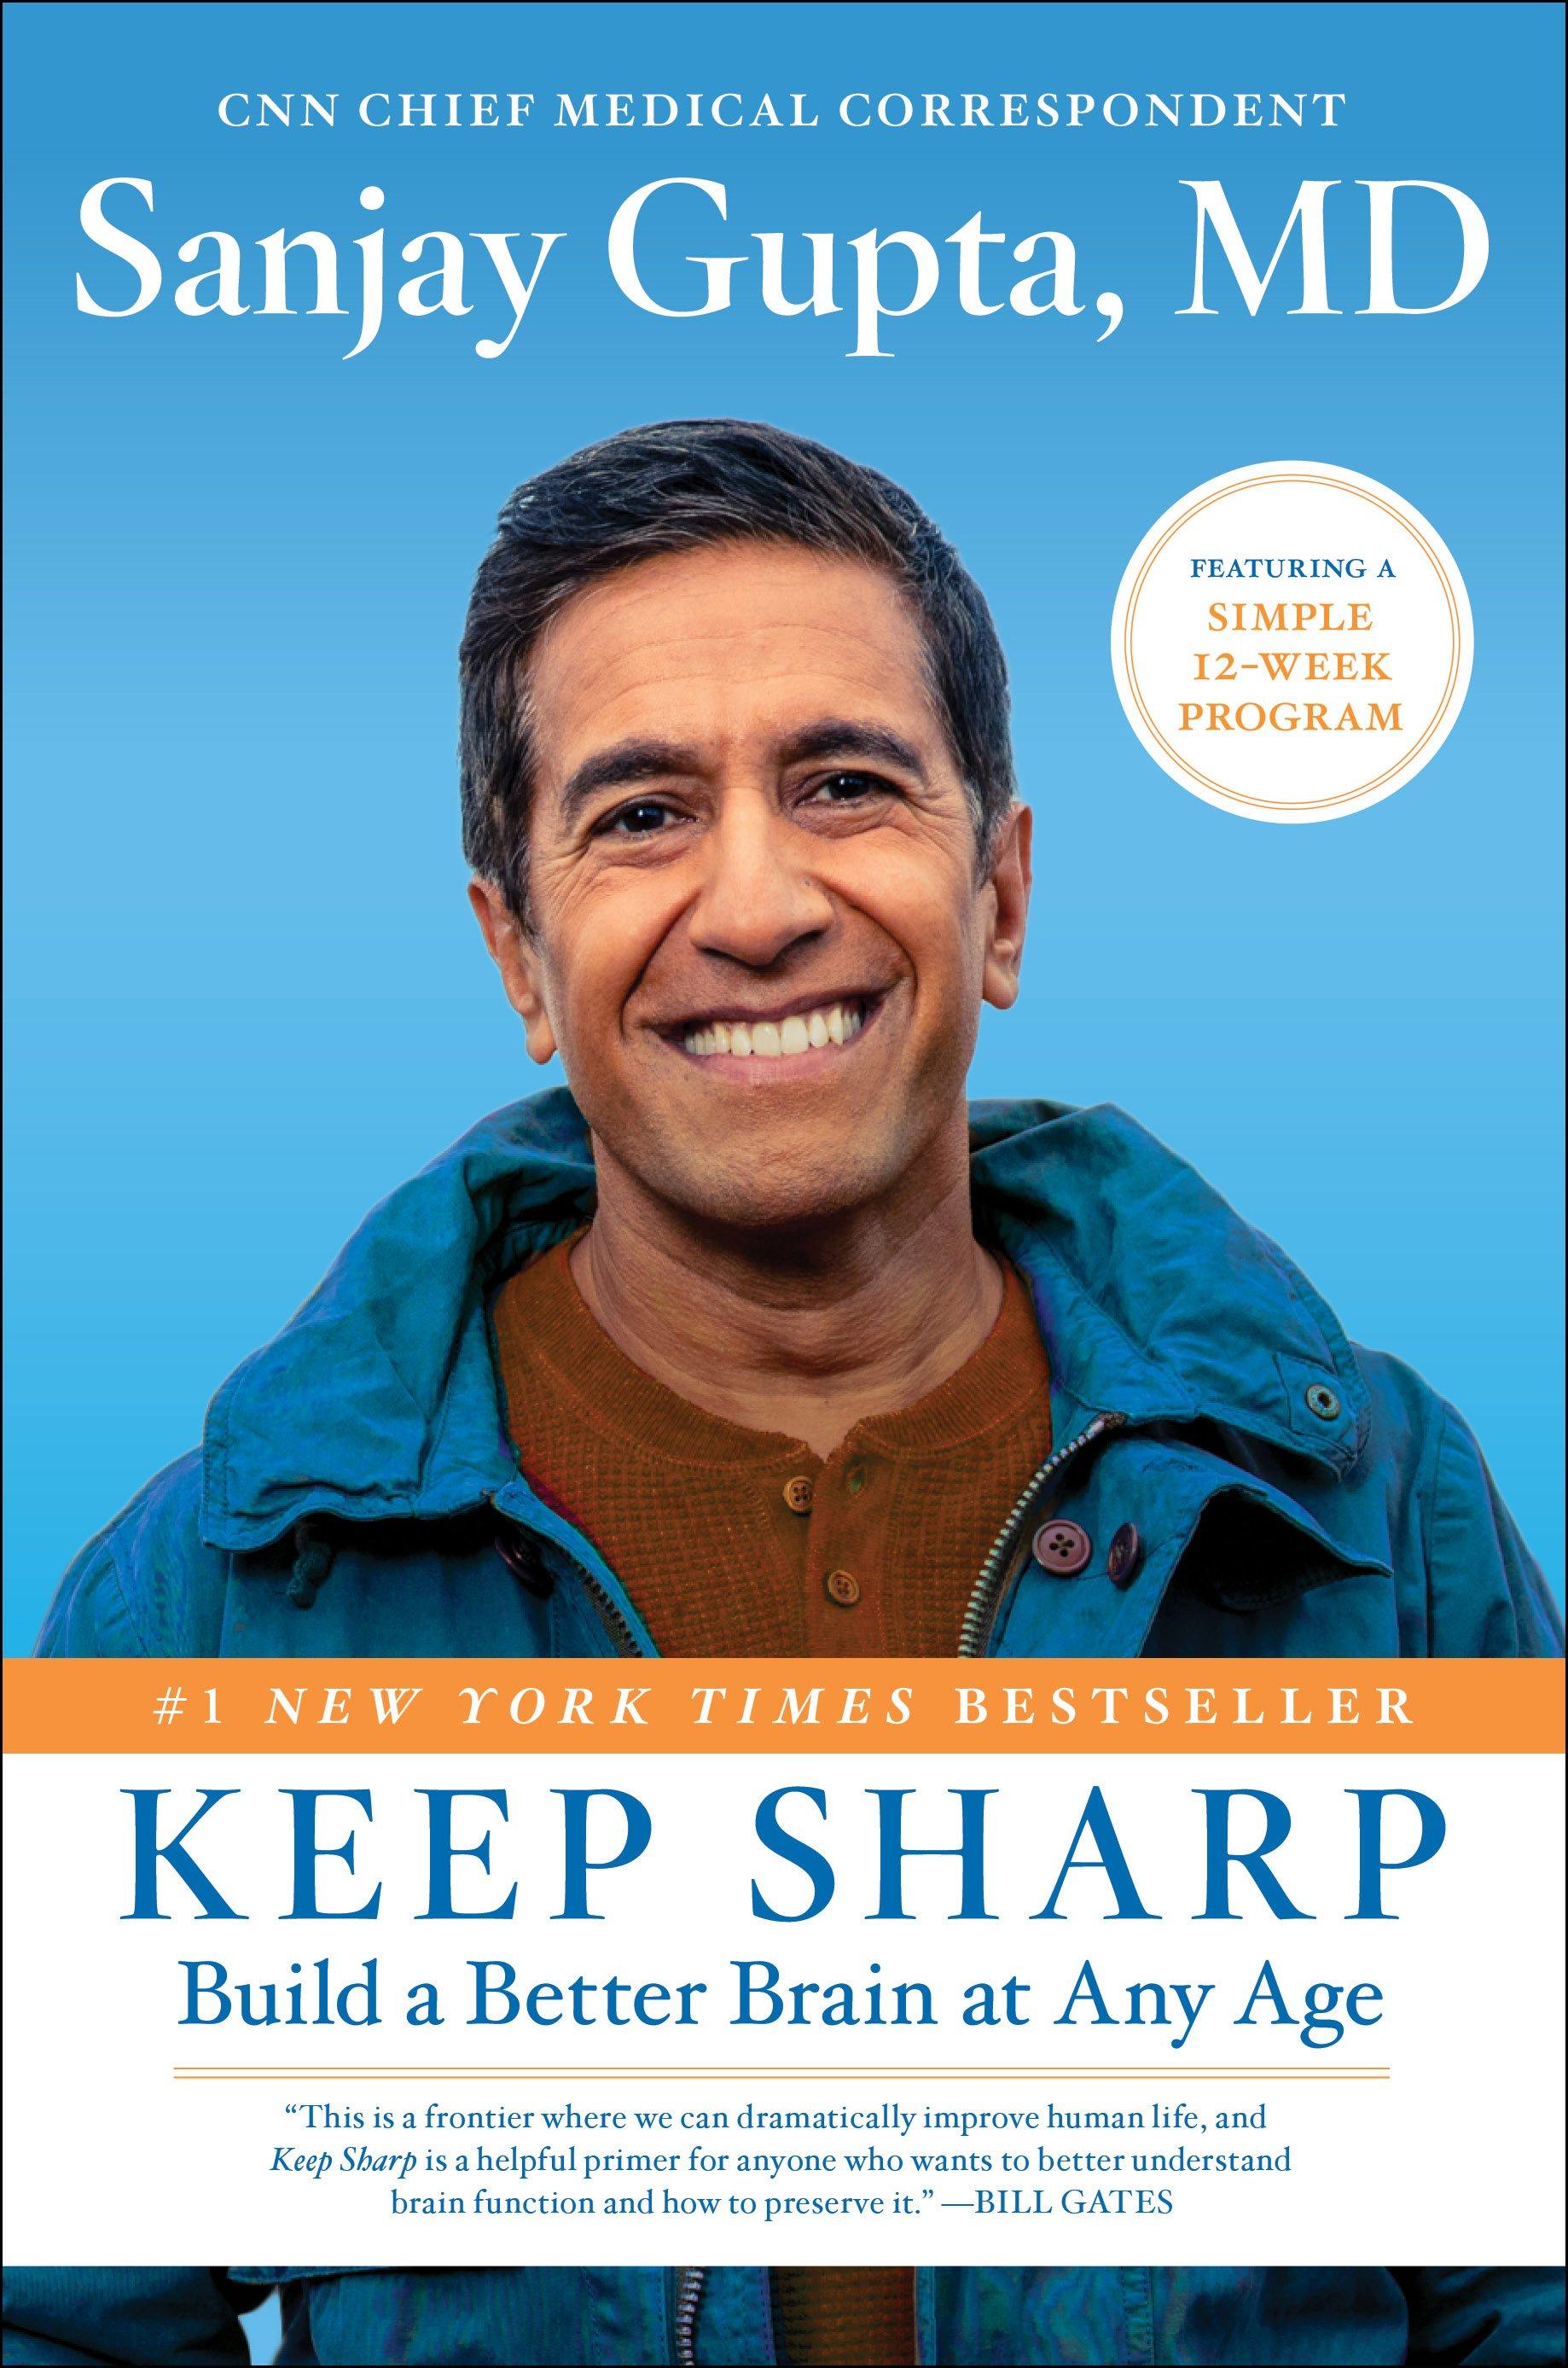 Sanjay Gupta, MD's Keep Sharp book cover